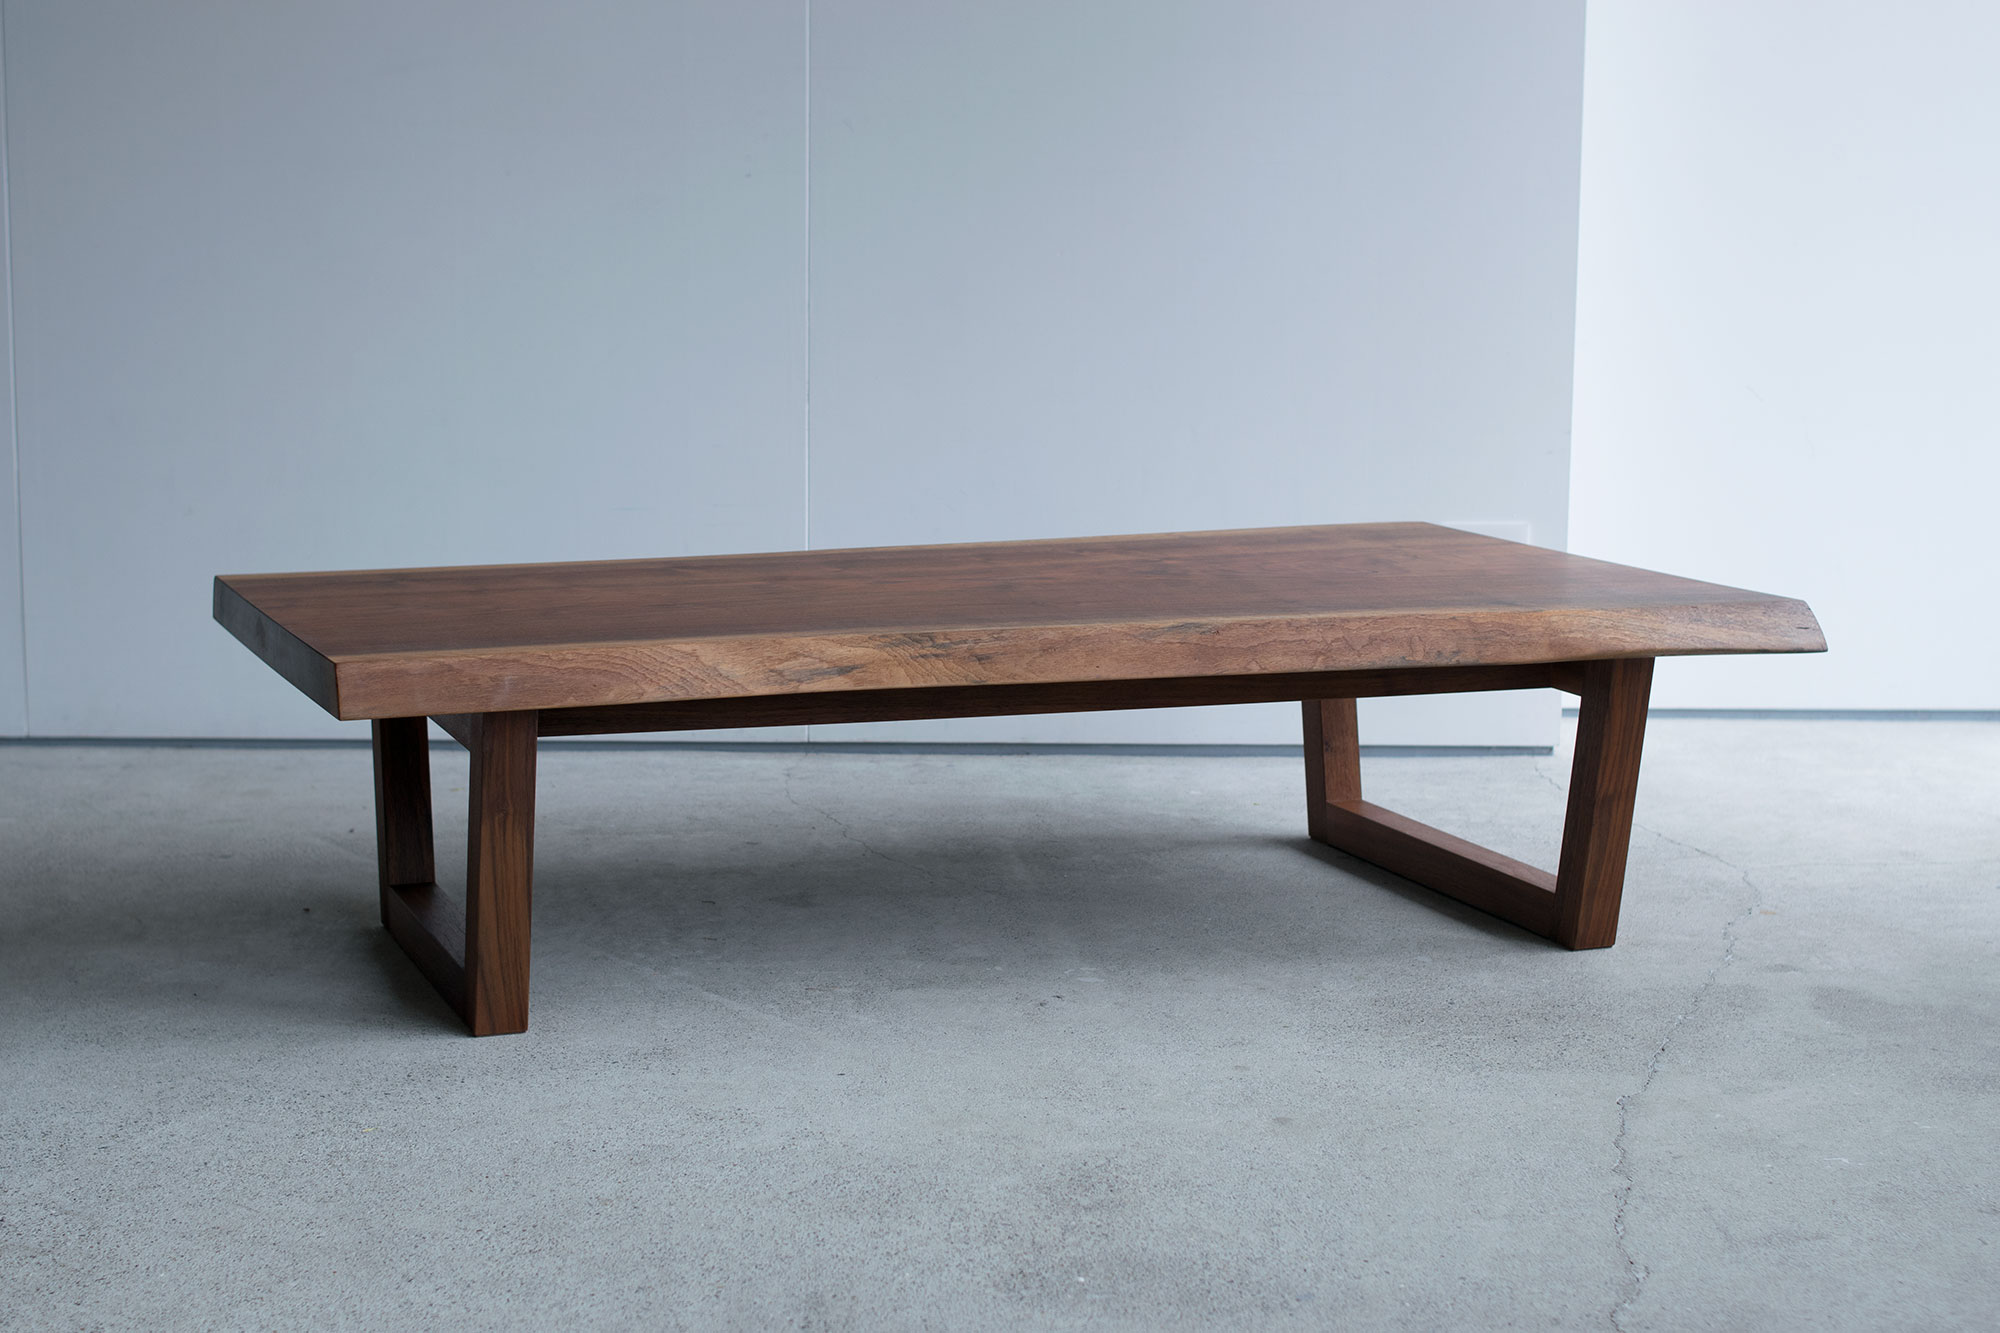 ウォールナット材一枚板天板ローテーブル